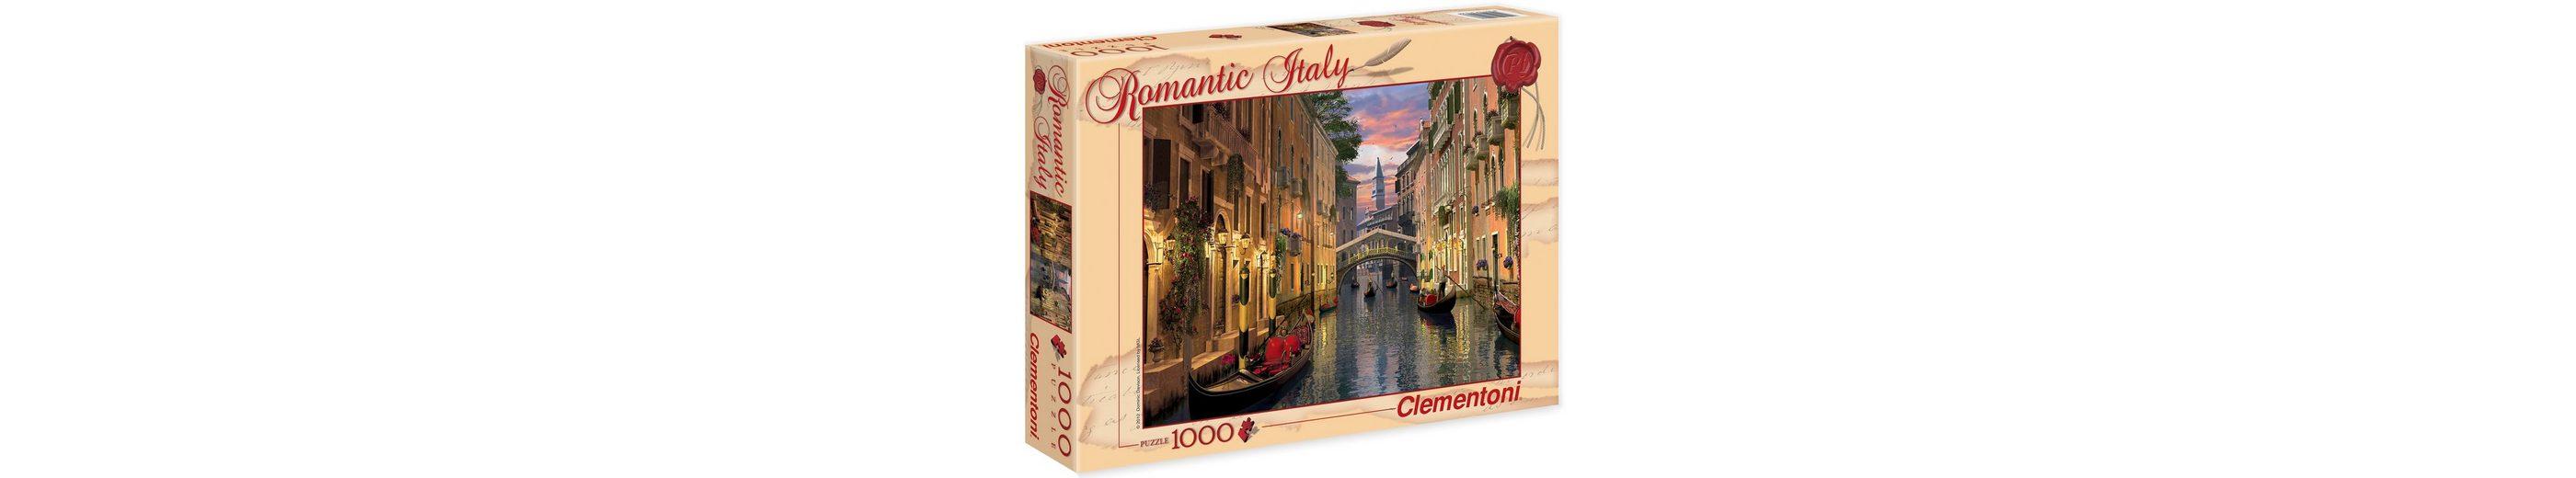 Clementoni Puzzle, 1000 Teile, »Venezia«